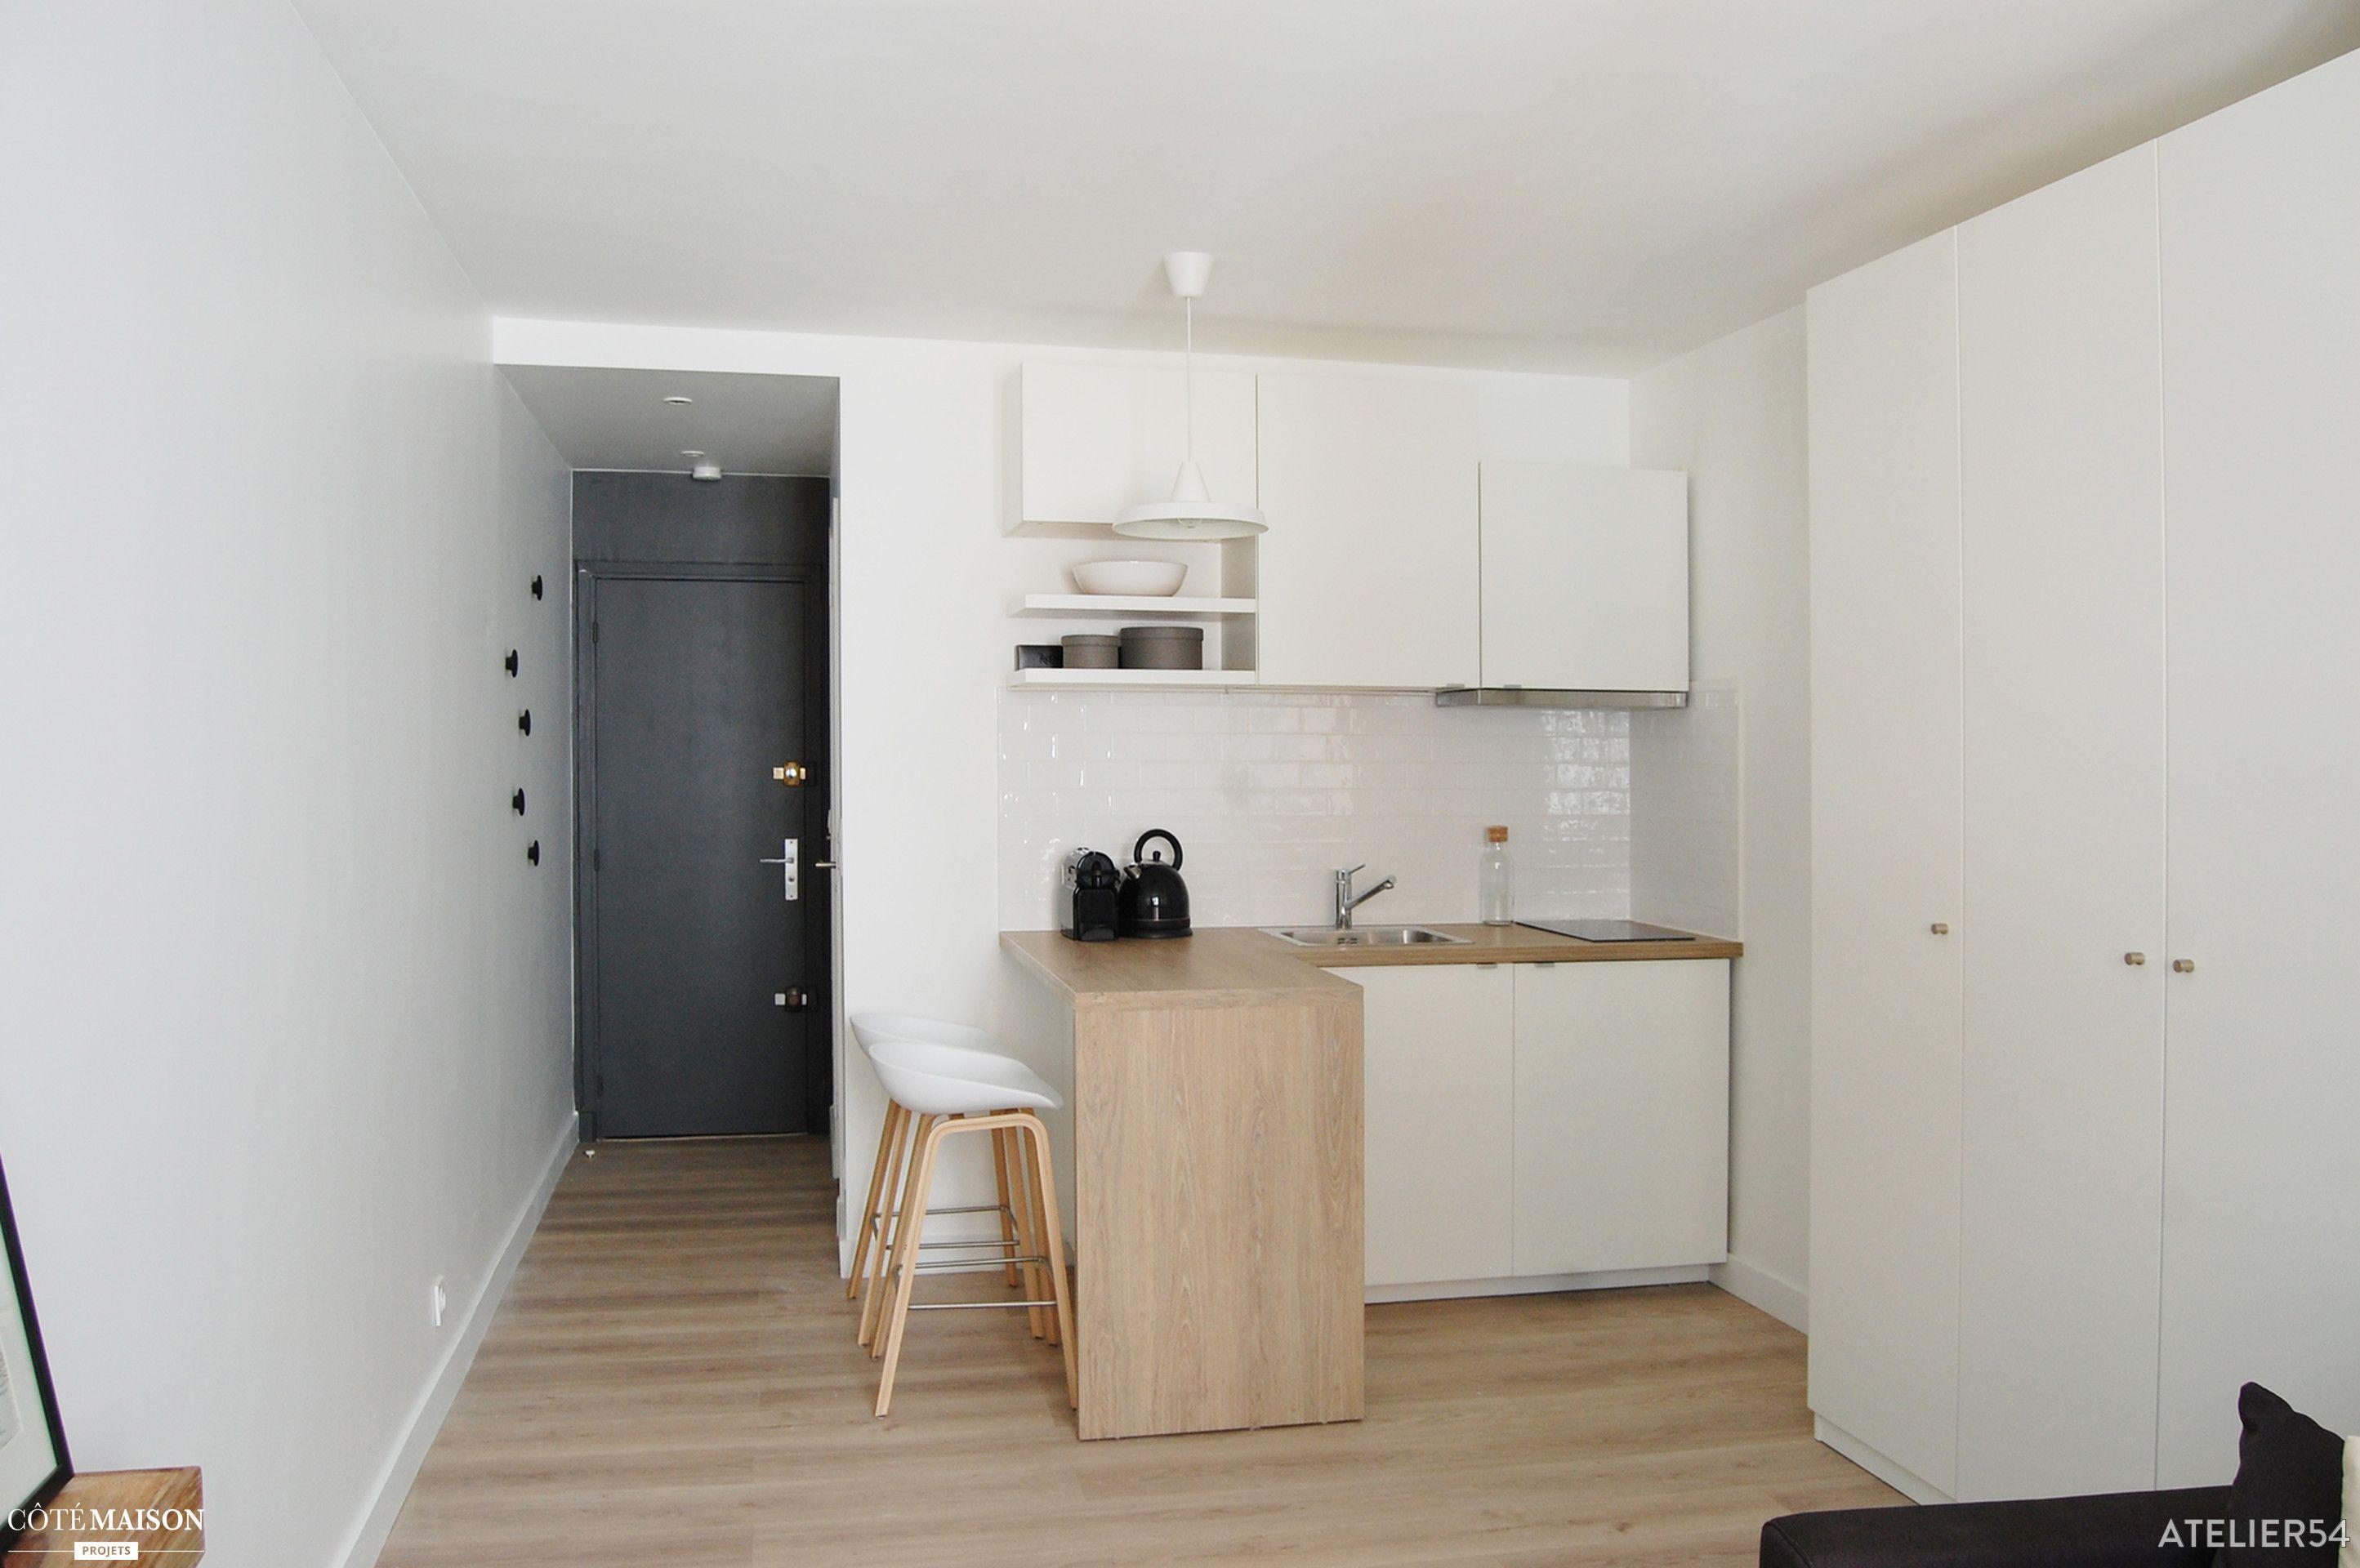 R novation compl te d 39 un studio et d coration paris Formation decoration interieur paris